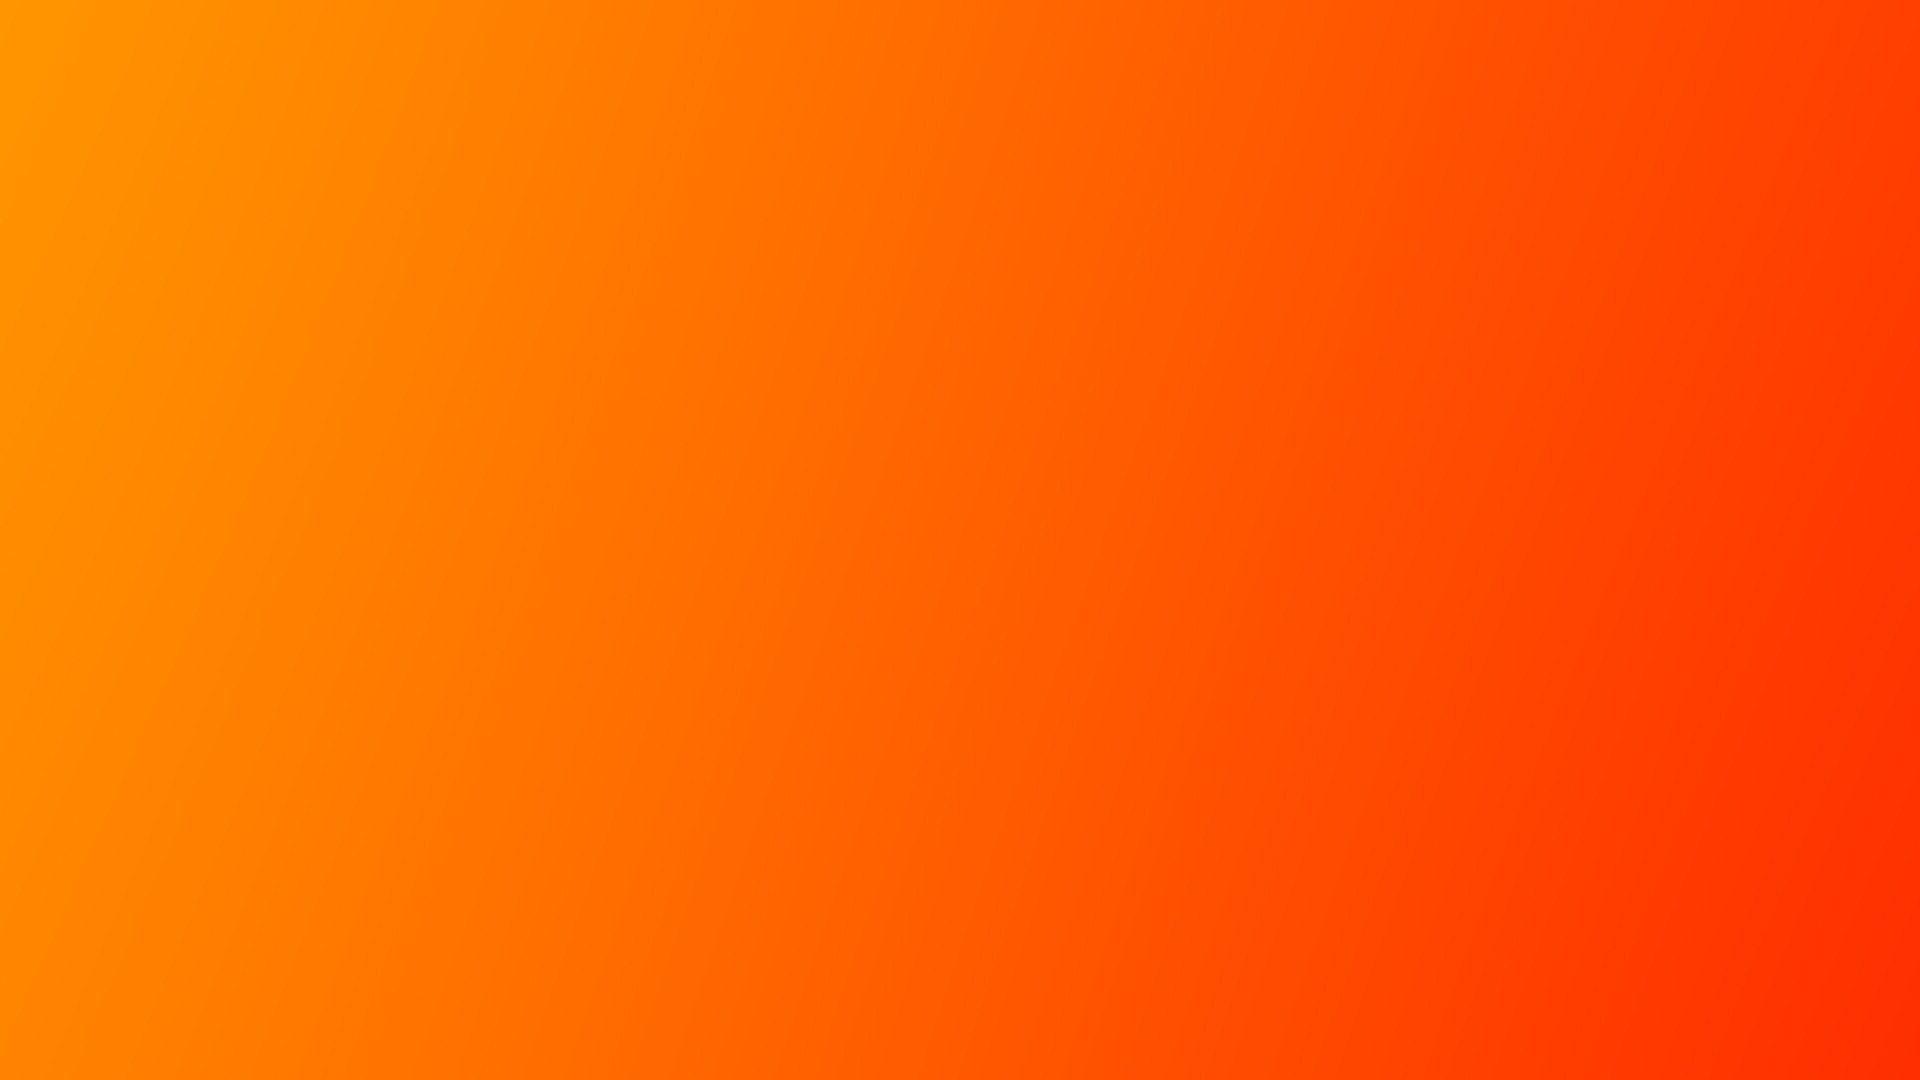 Orange hd wallpaper 1080p for pc